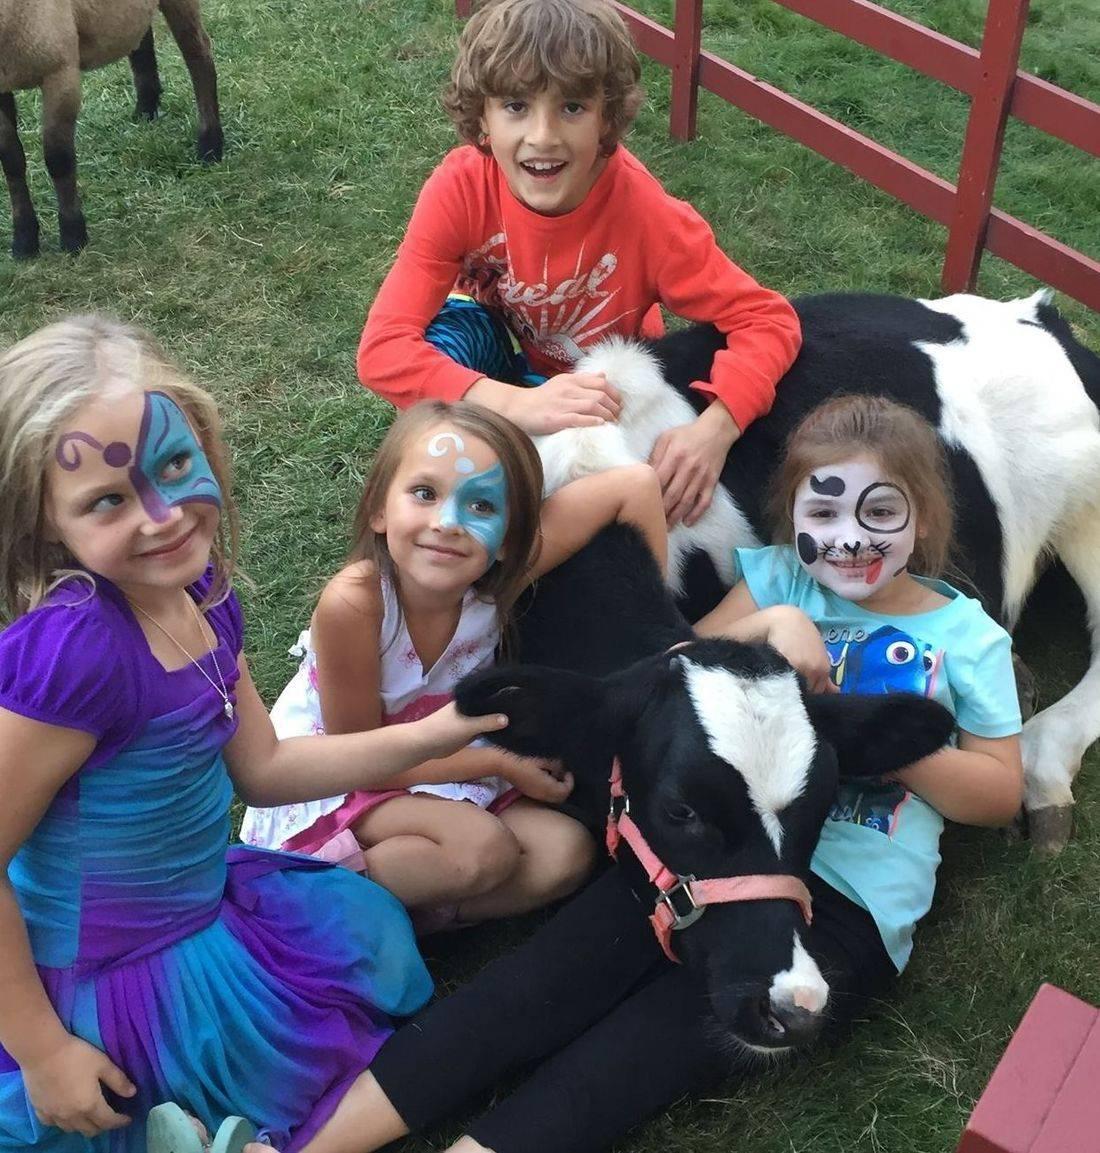 Children sitting around calf